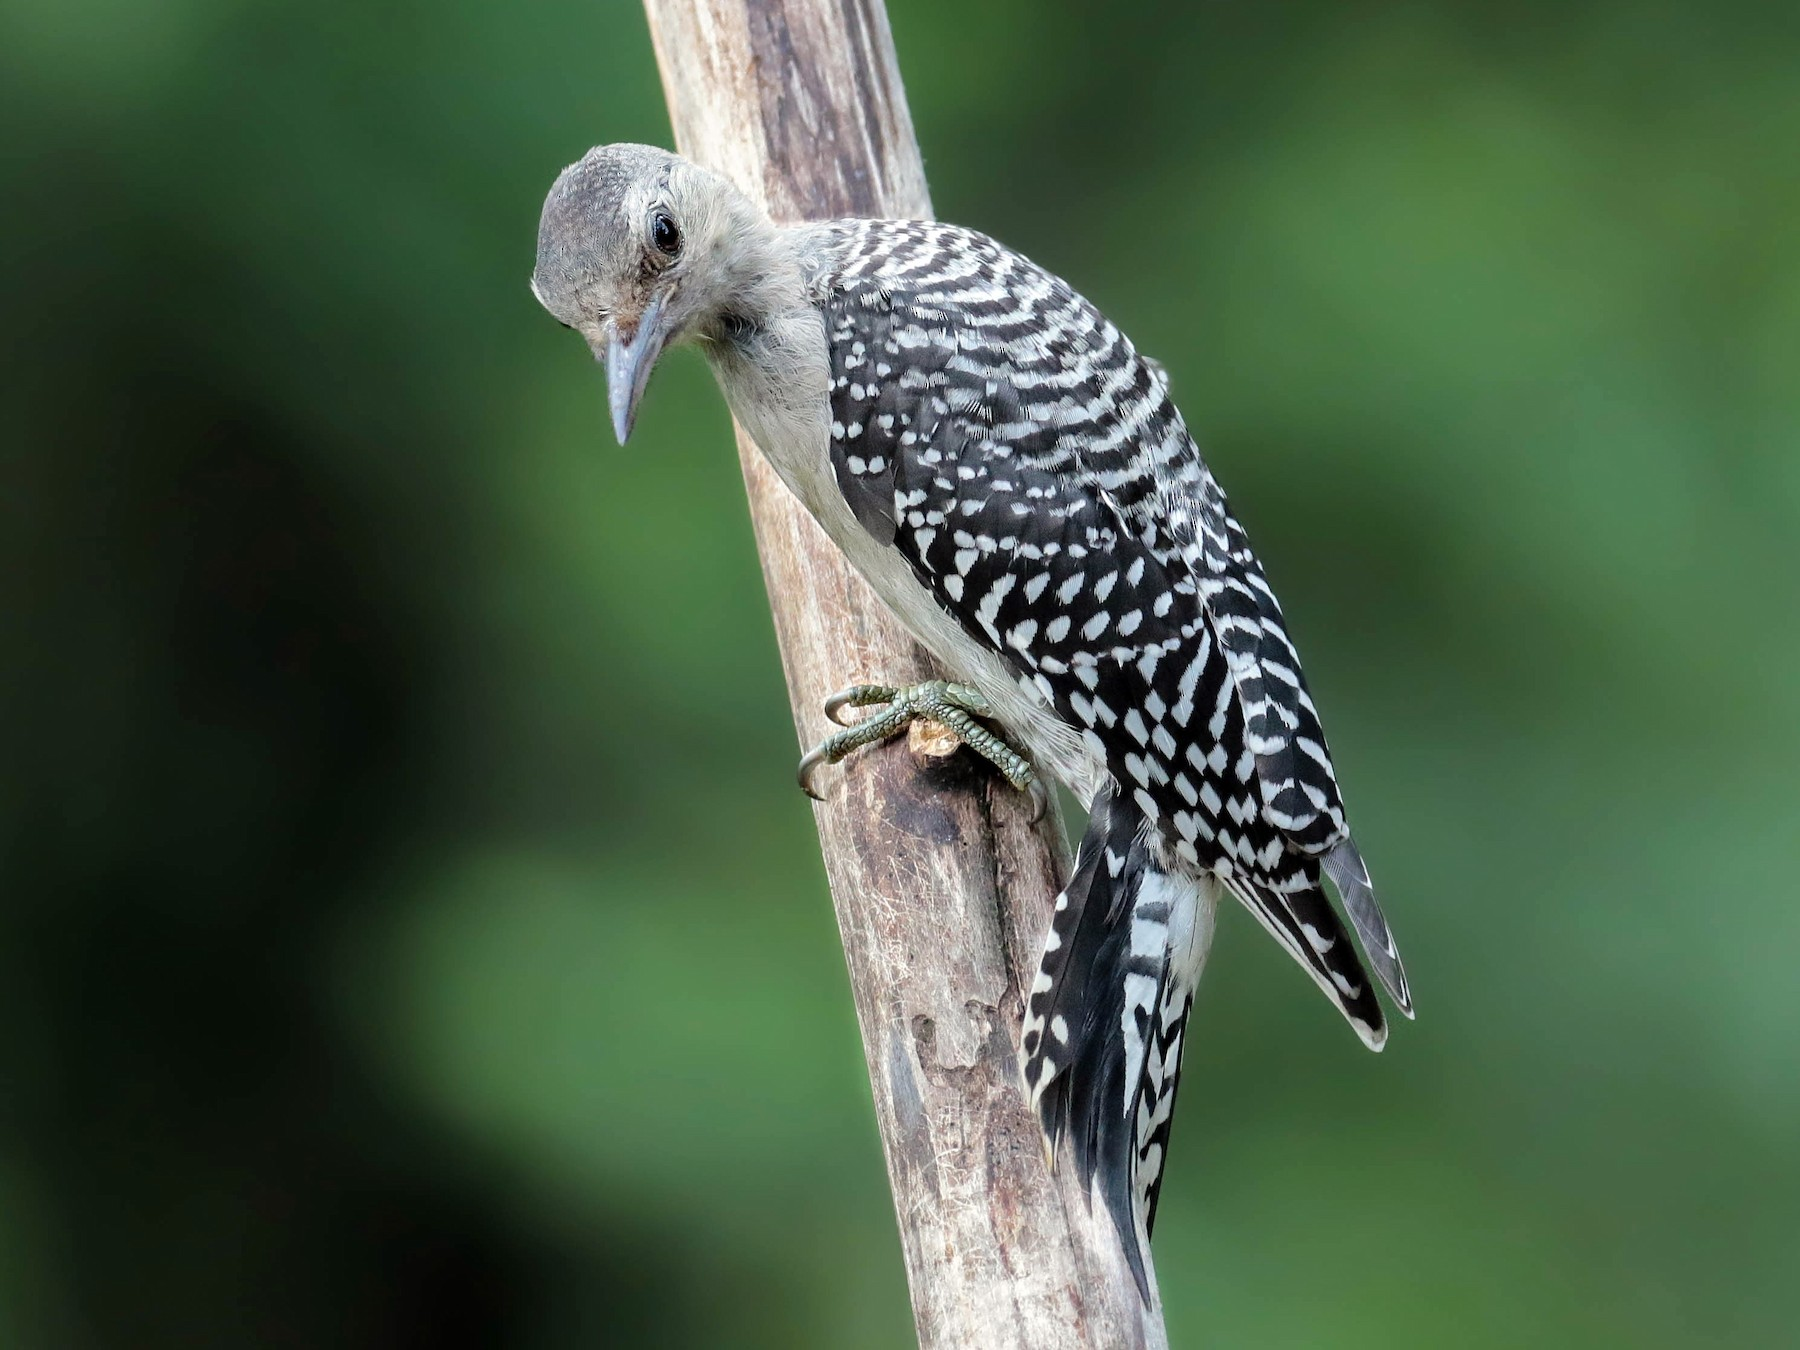 Red-bellied Woodpecker - Peggy Rudman